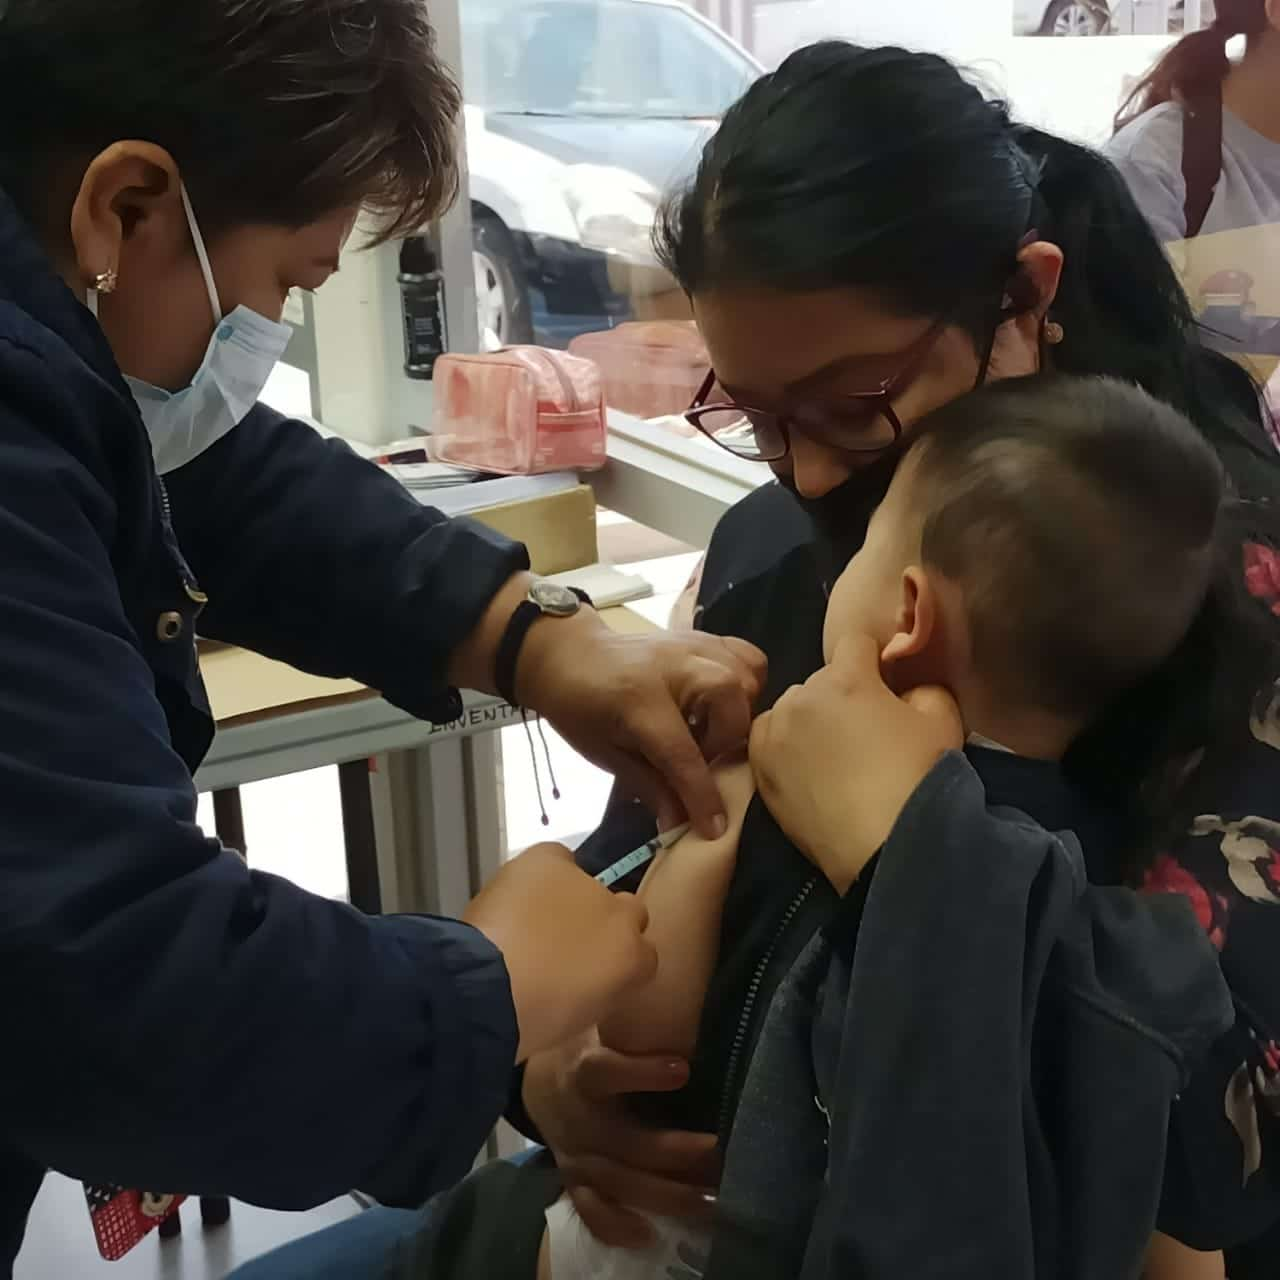 Quedan-tres-dias-para-vacunas-de-Sarampion-y-Ruboola